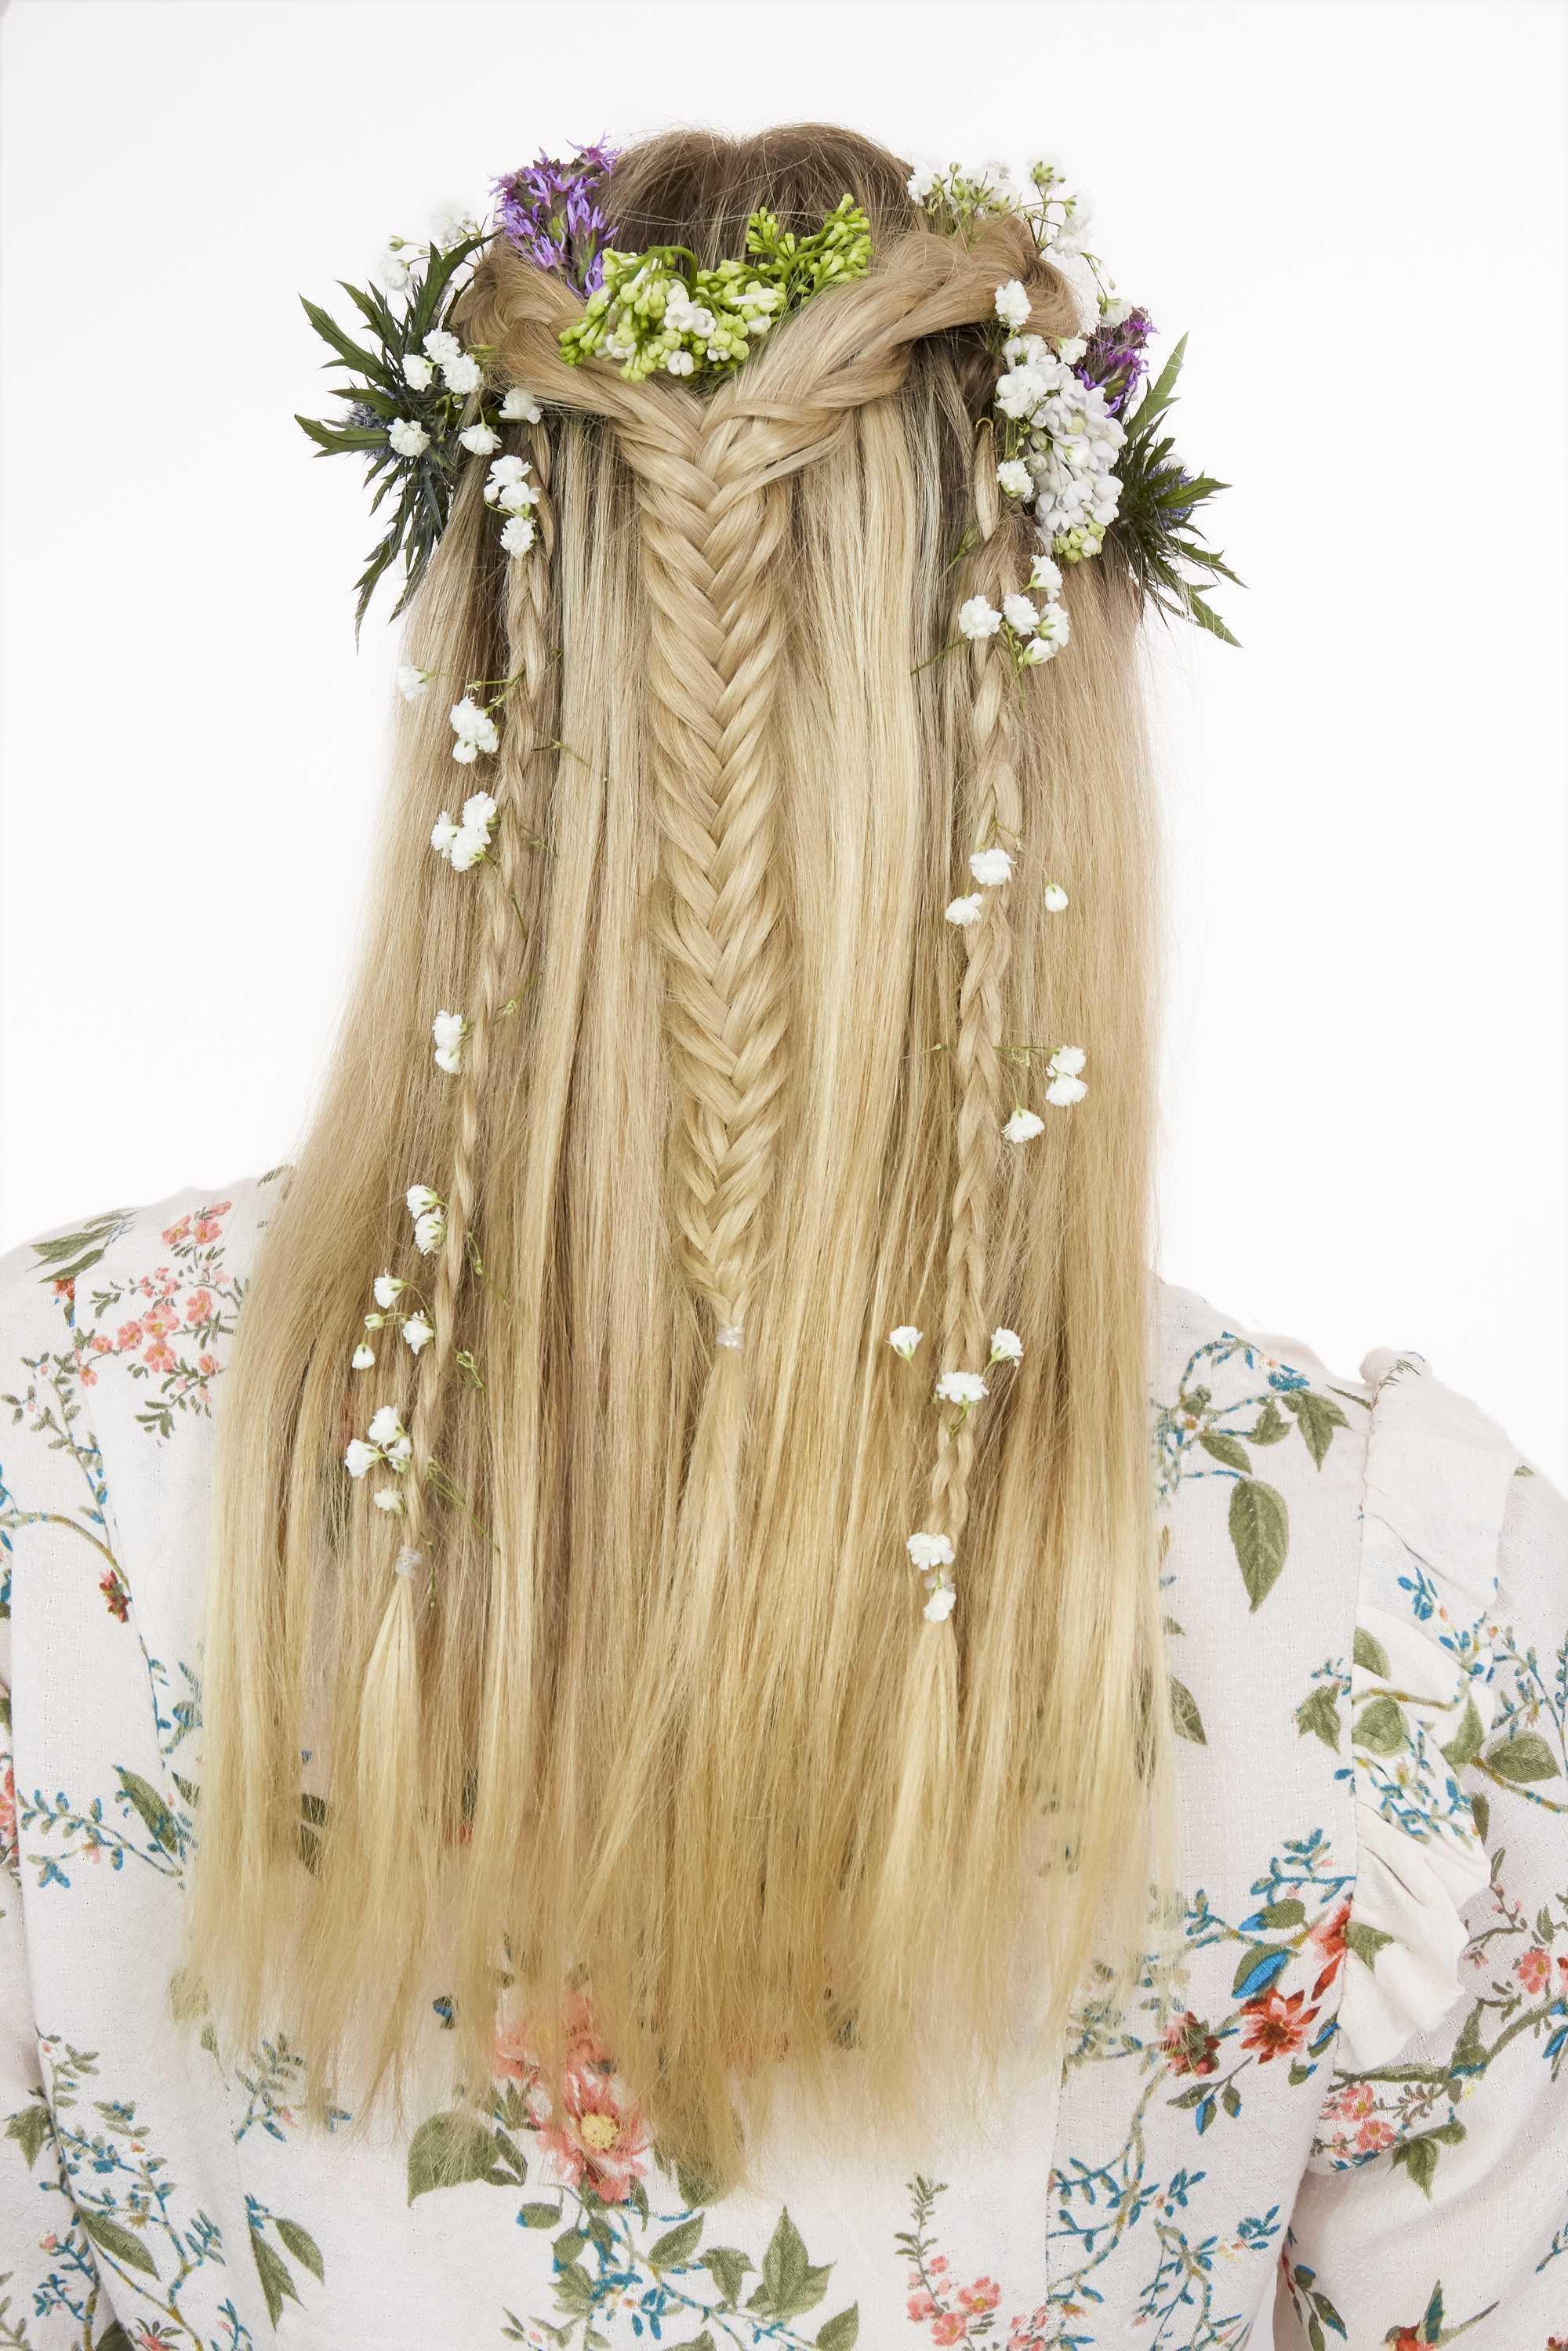 idées de cheveux pour le bal de fin d'année : gros plan d'une femme aux cheveux blonds dorés, coiffée en tresse en queue de poisson mi-haute, mi-basse, avec un mélange d'autres tresses, avec des fleurs tissées dedans, posant dans un décor de studio